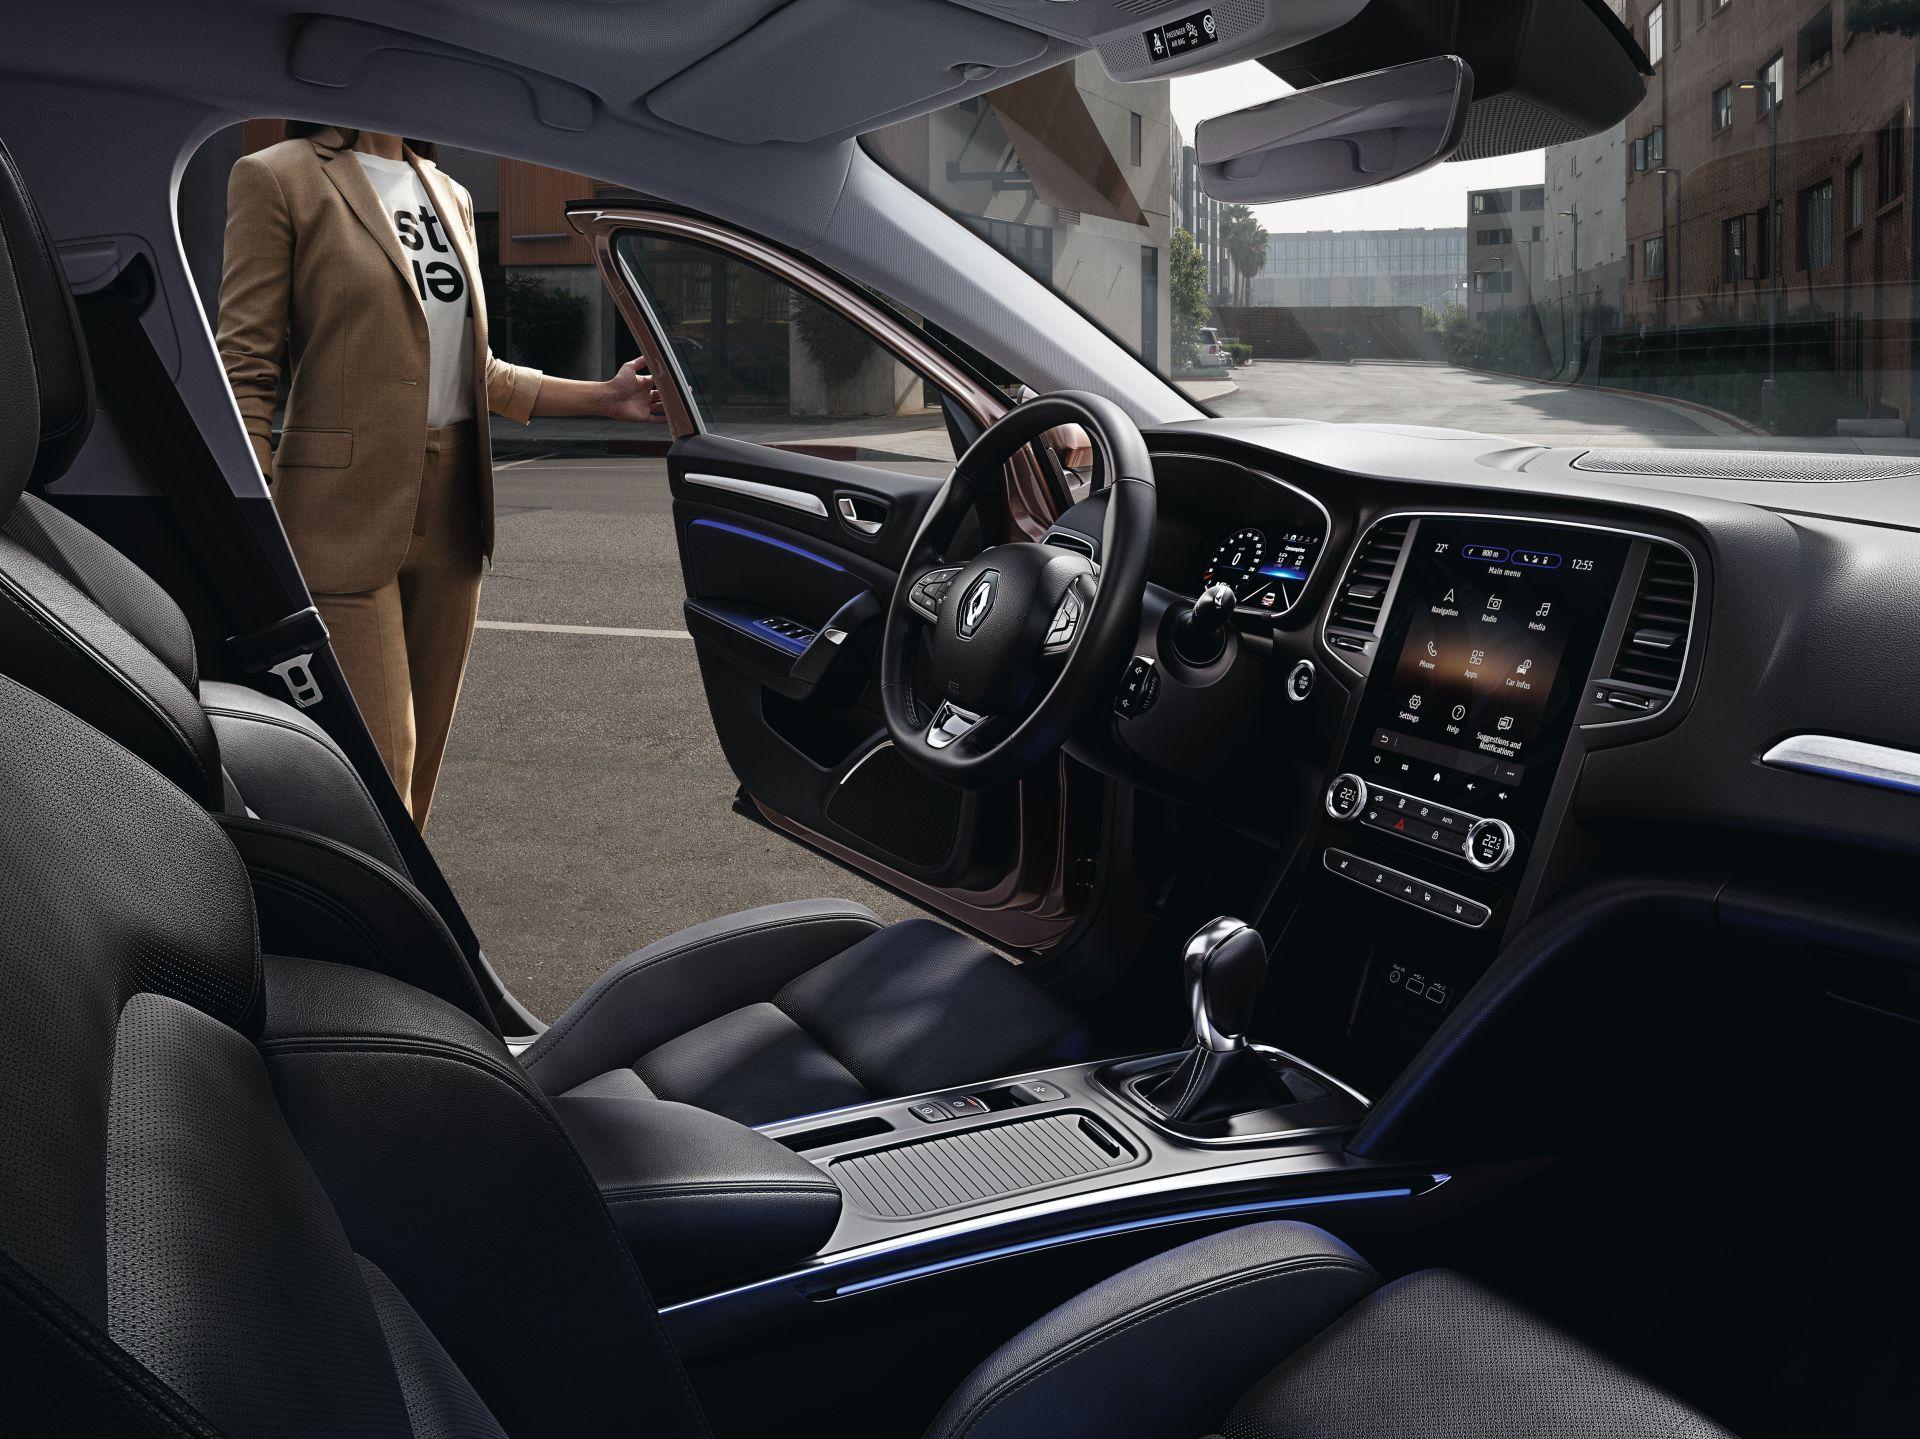 2021 Renault Megane Facelift Interior